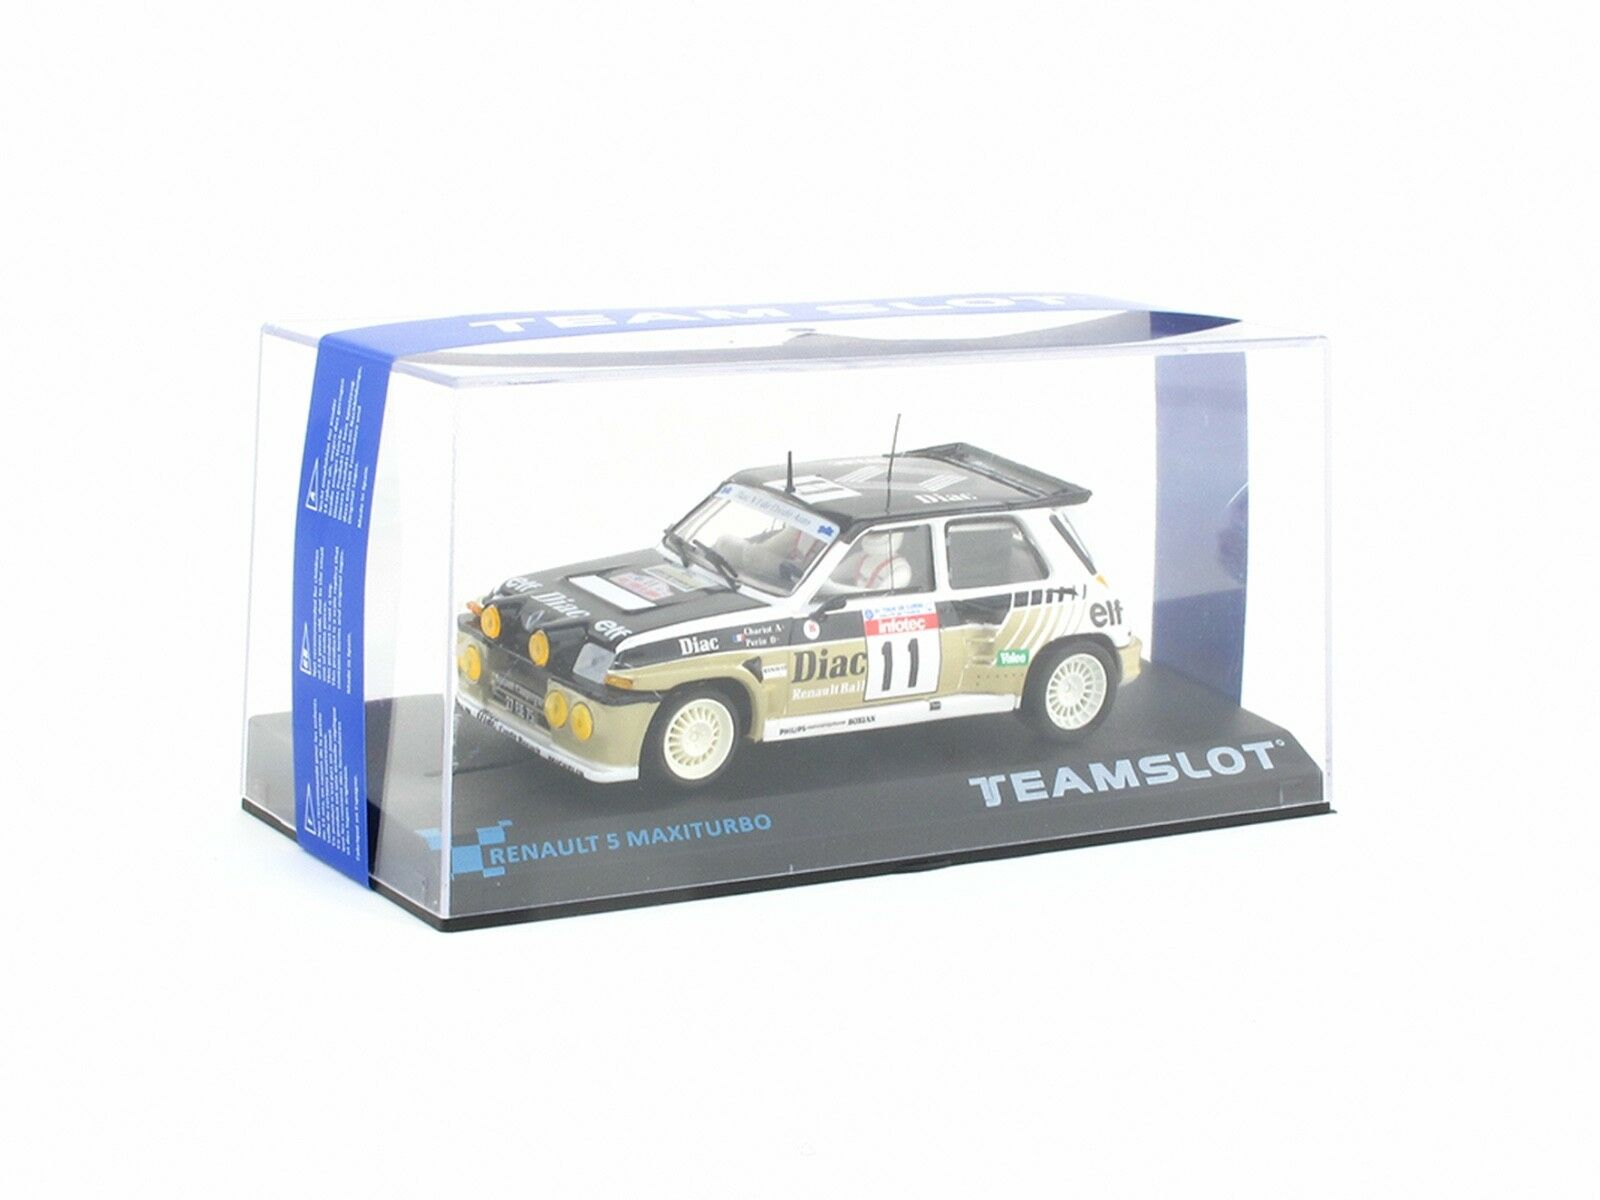 """Teamslot Renault 5 Maxiturbo Ref. 12106 """"DIAC"""" 1 32 Slot Car"""